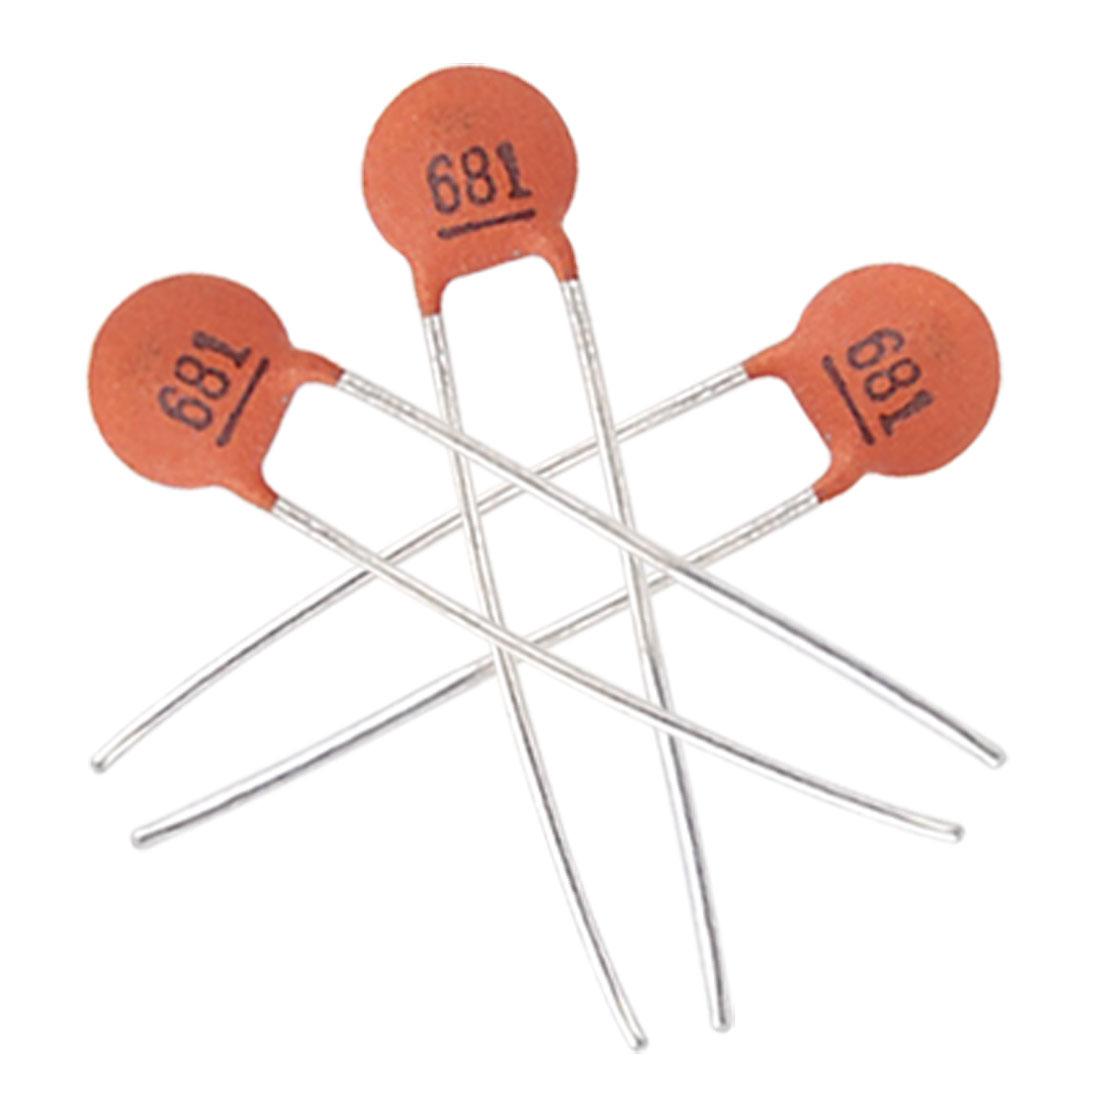 100 x 680pF 50V Radial Lead Low Voltage Ceramic Disc Capacitors